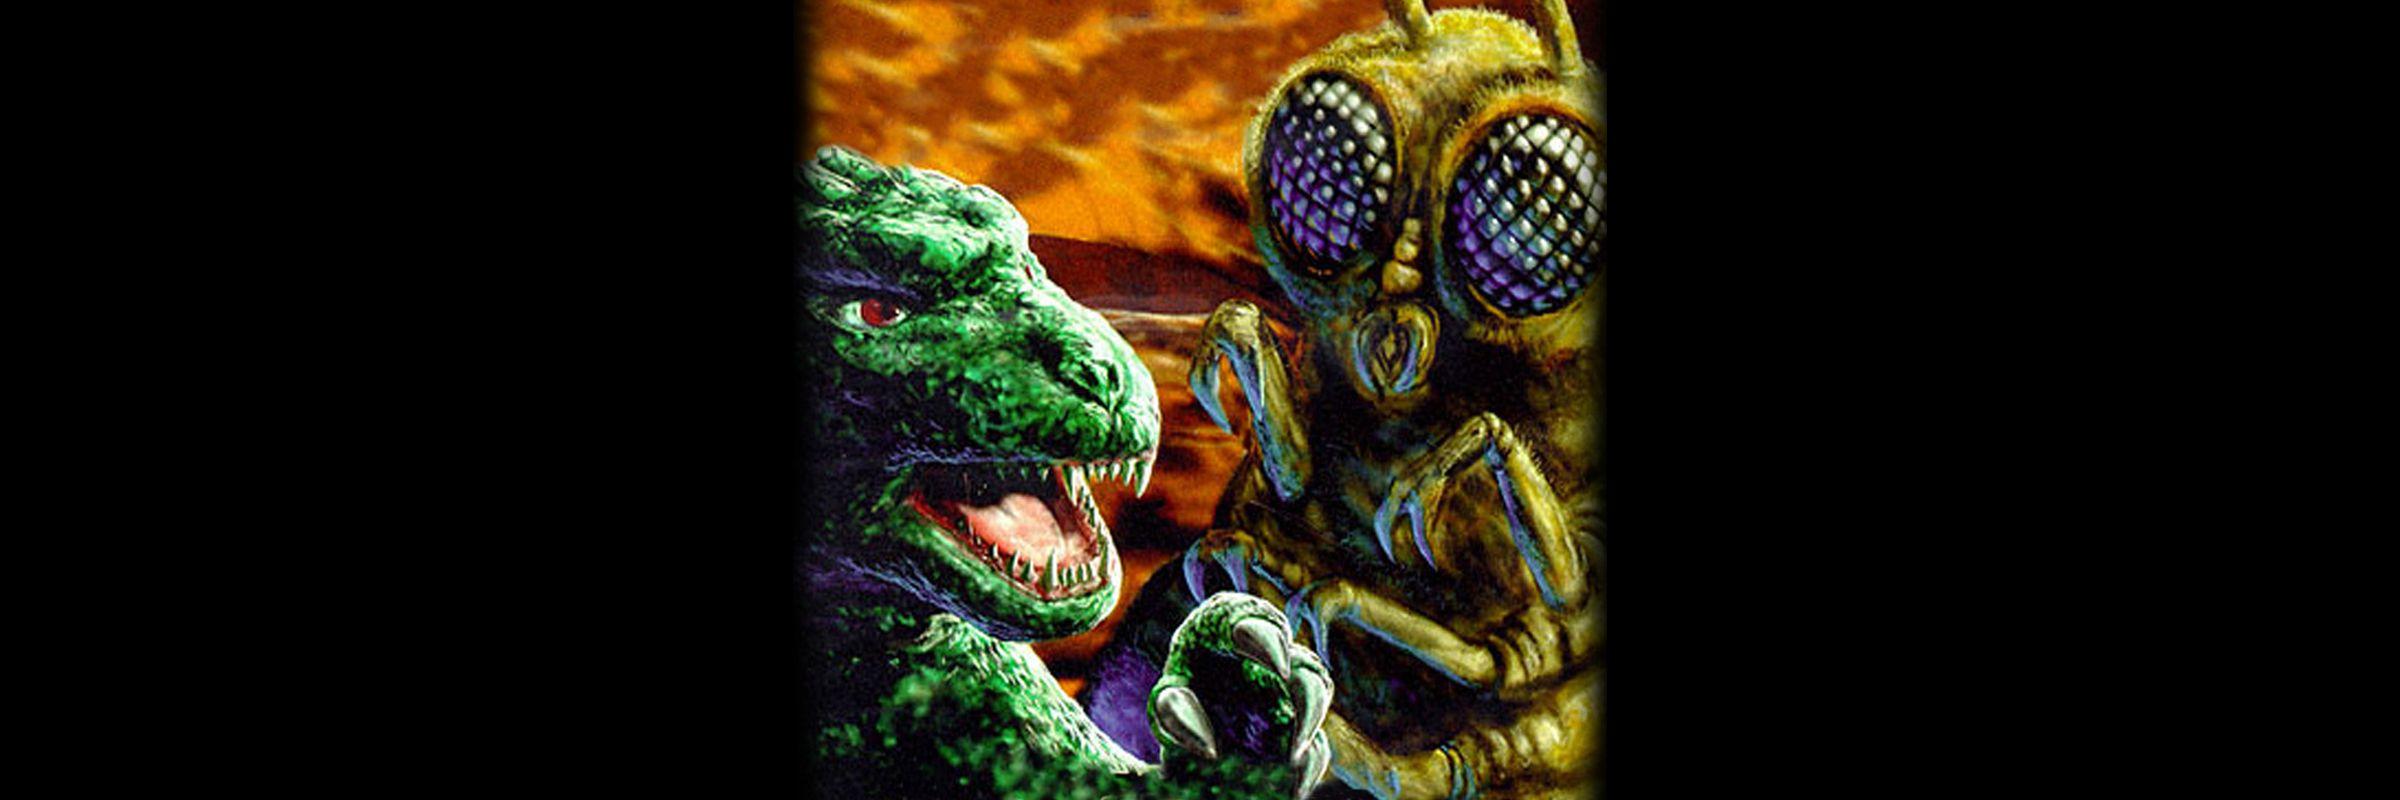 Godzilla vs  Mothra | Full Movie | Movies Anywhere